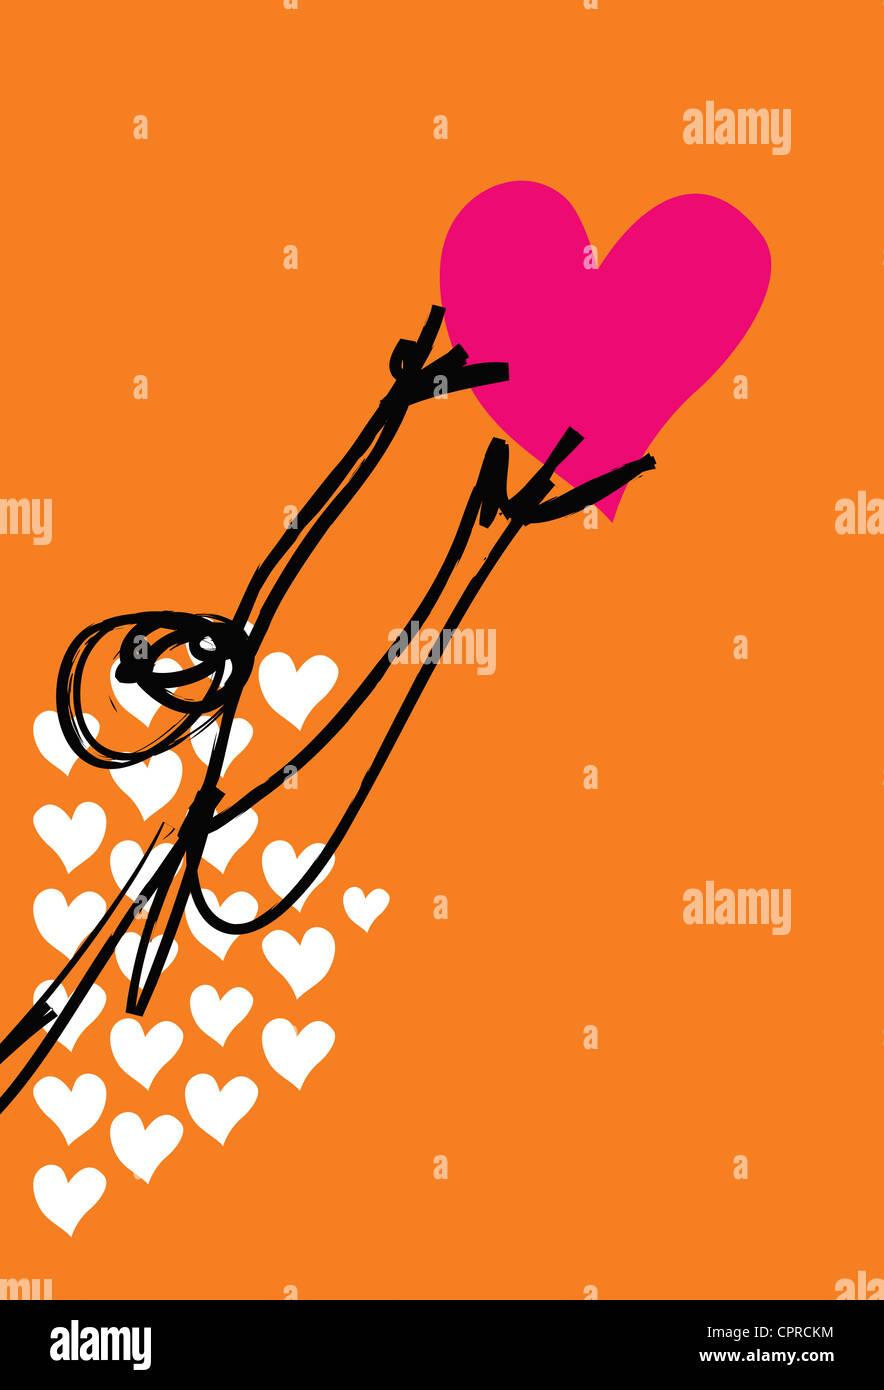 Untröstlich, unglückliche Person für ein Herz zu erreichen. Stockbild